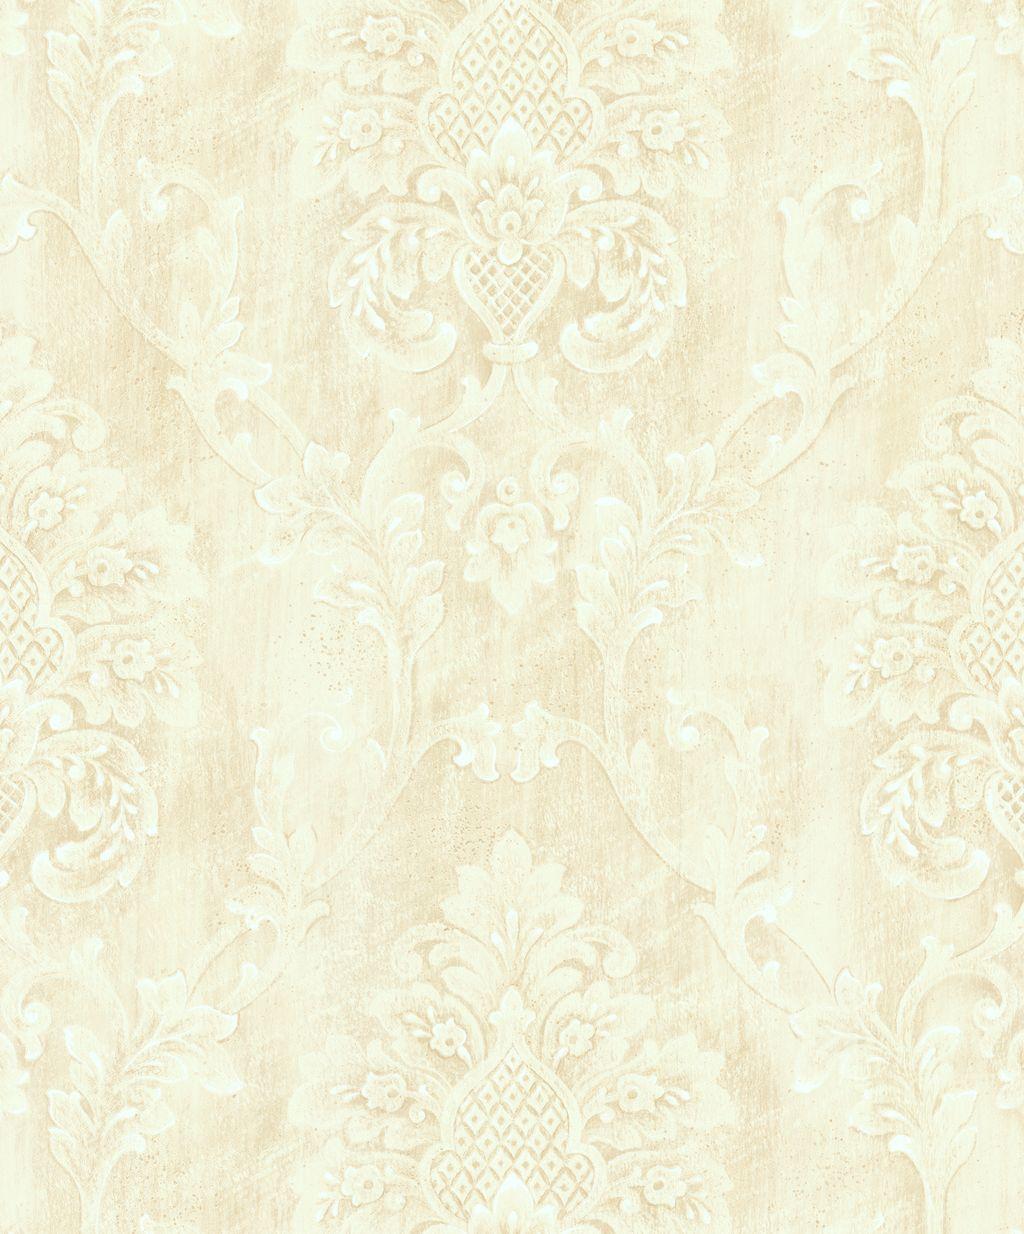 Итальянские обои Estro,  коллекция Buckingham Palace, артикулBP60402